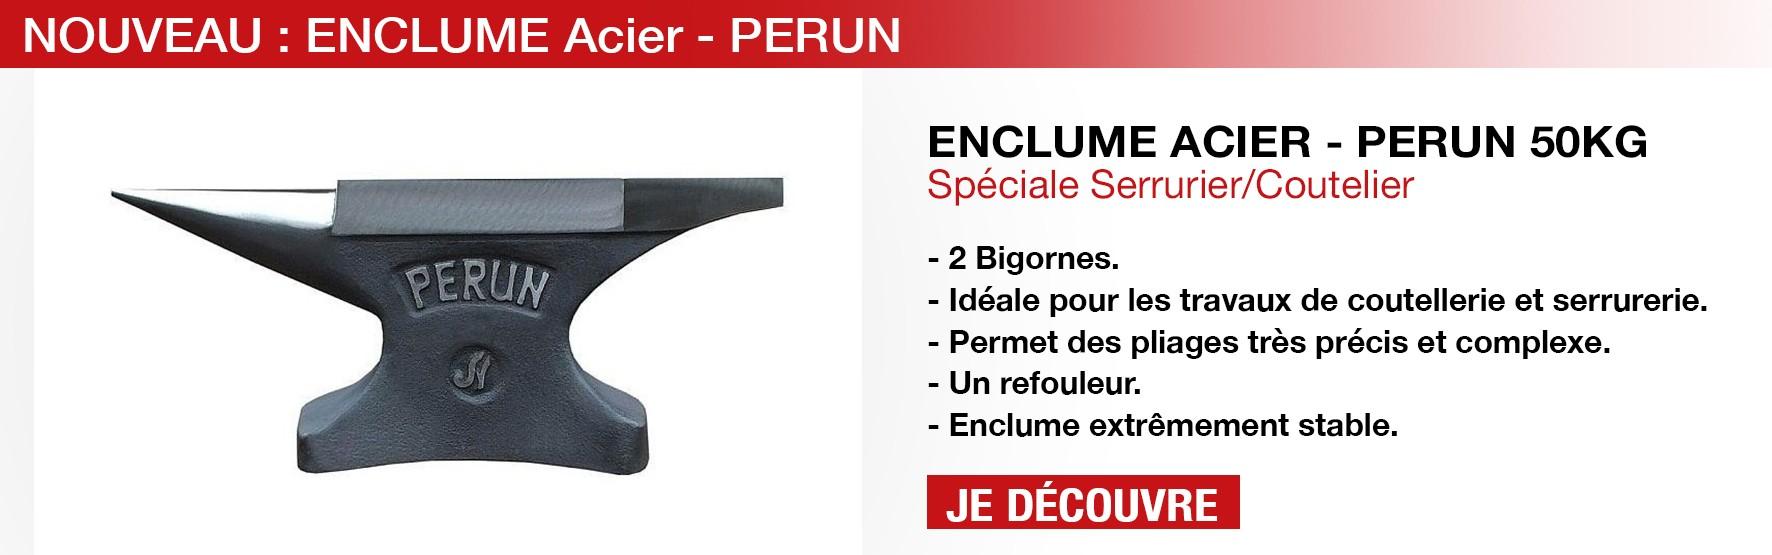 enclume - forge - Couteau - bigornes - serrurier -